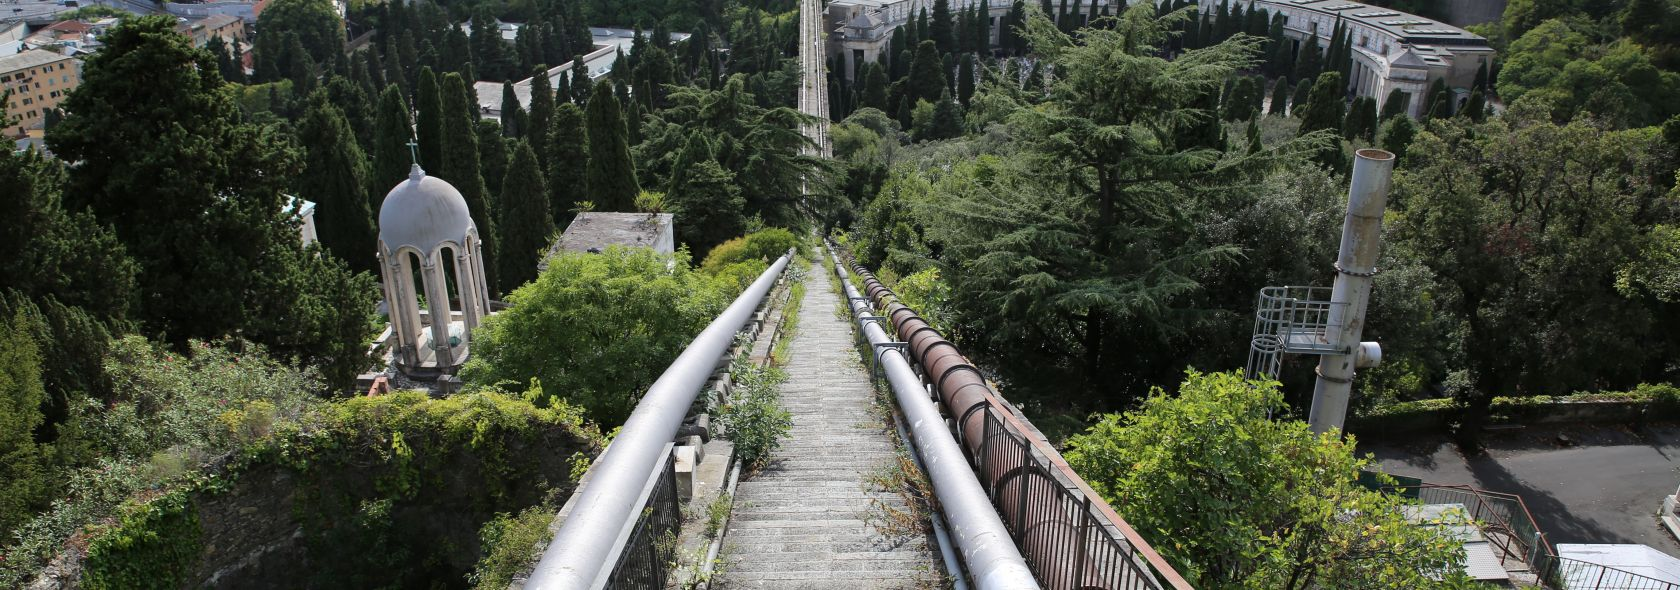 Acquedotto Storico - ponte sifone